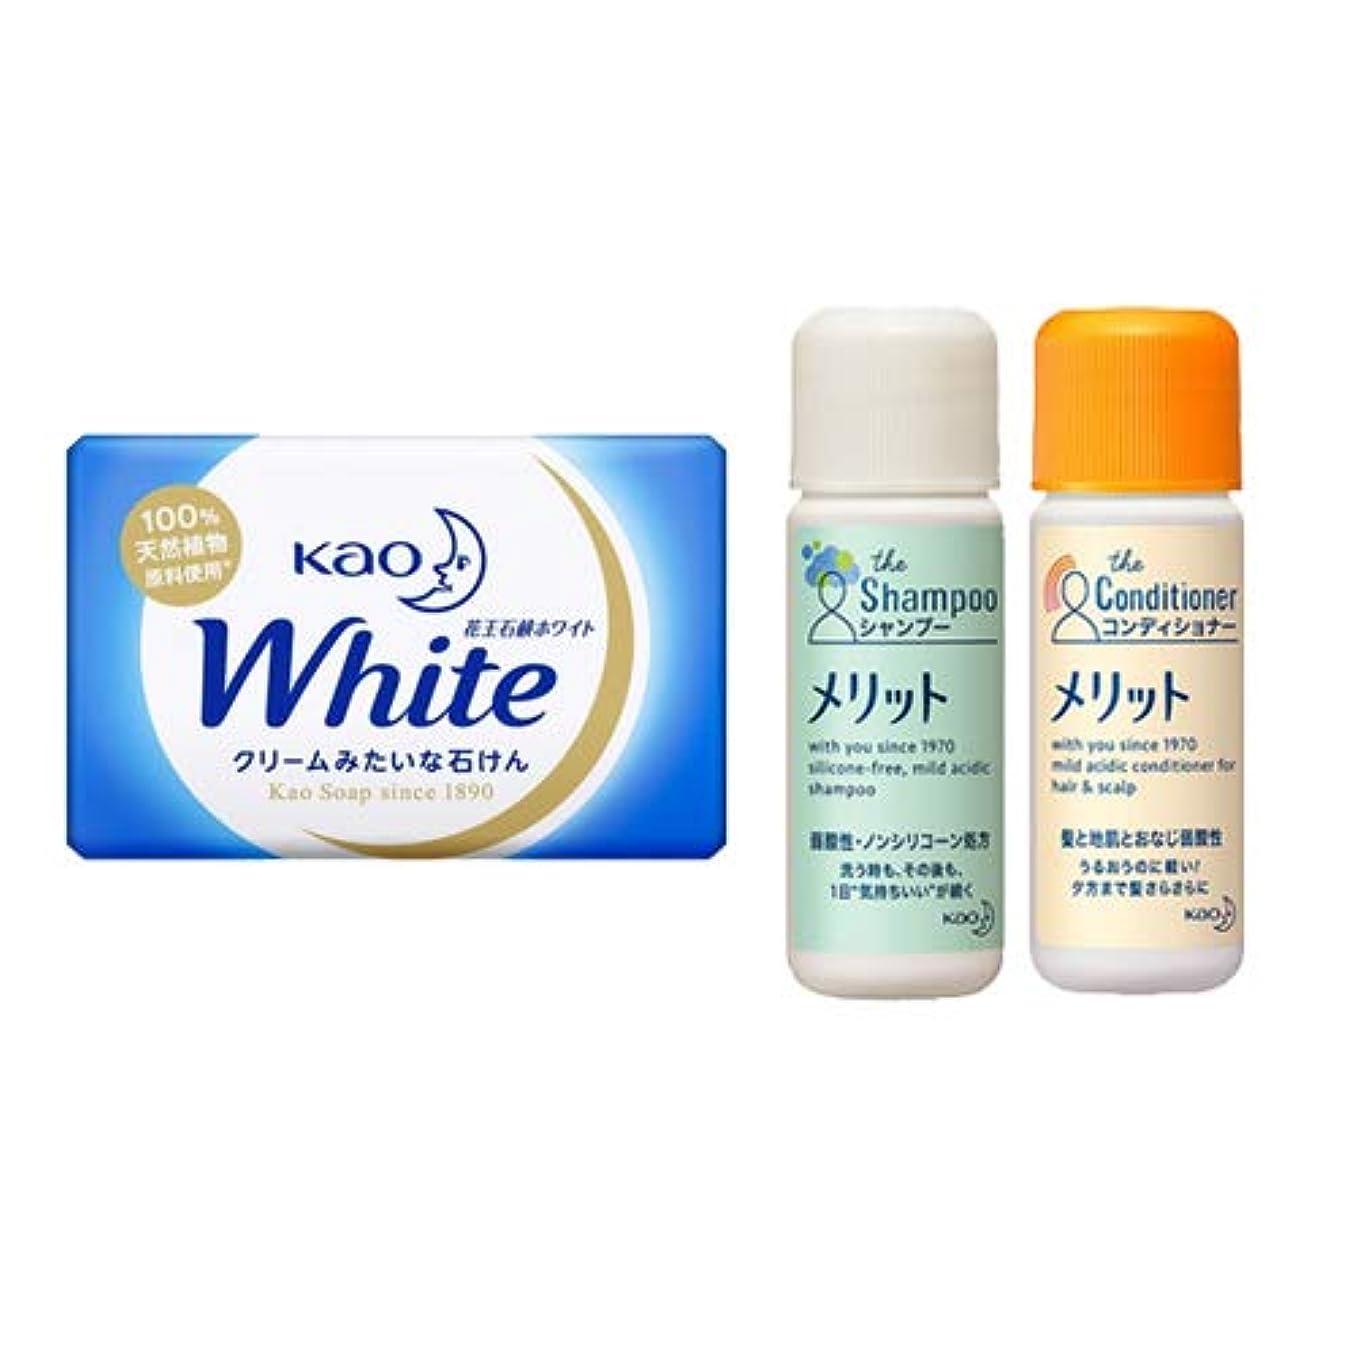 父方の顕現襲撃花王(KAO) 石鹸ホワイト(Kao Soap White) 15g + メリットシャンプー 16ml + リンス 16ml セット